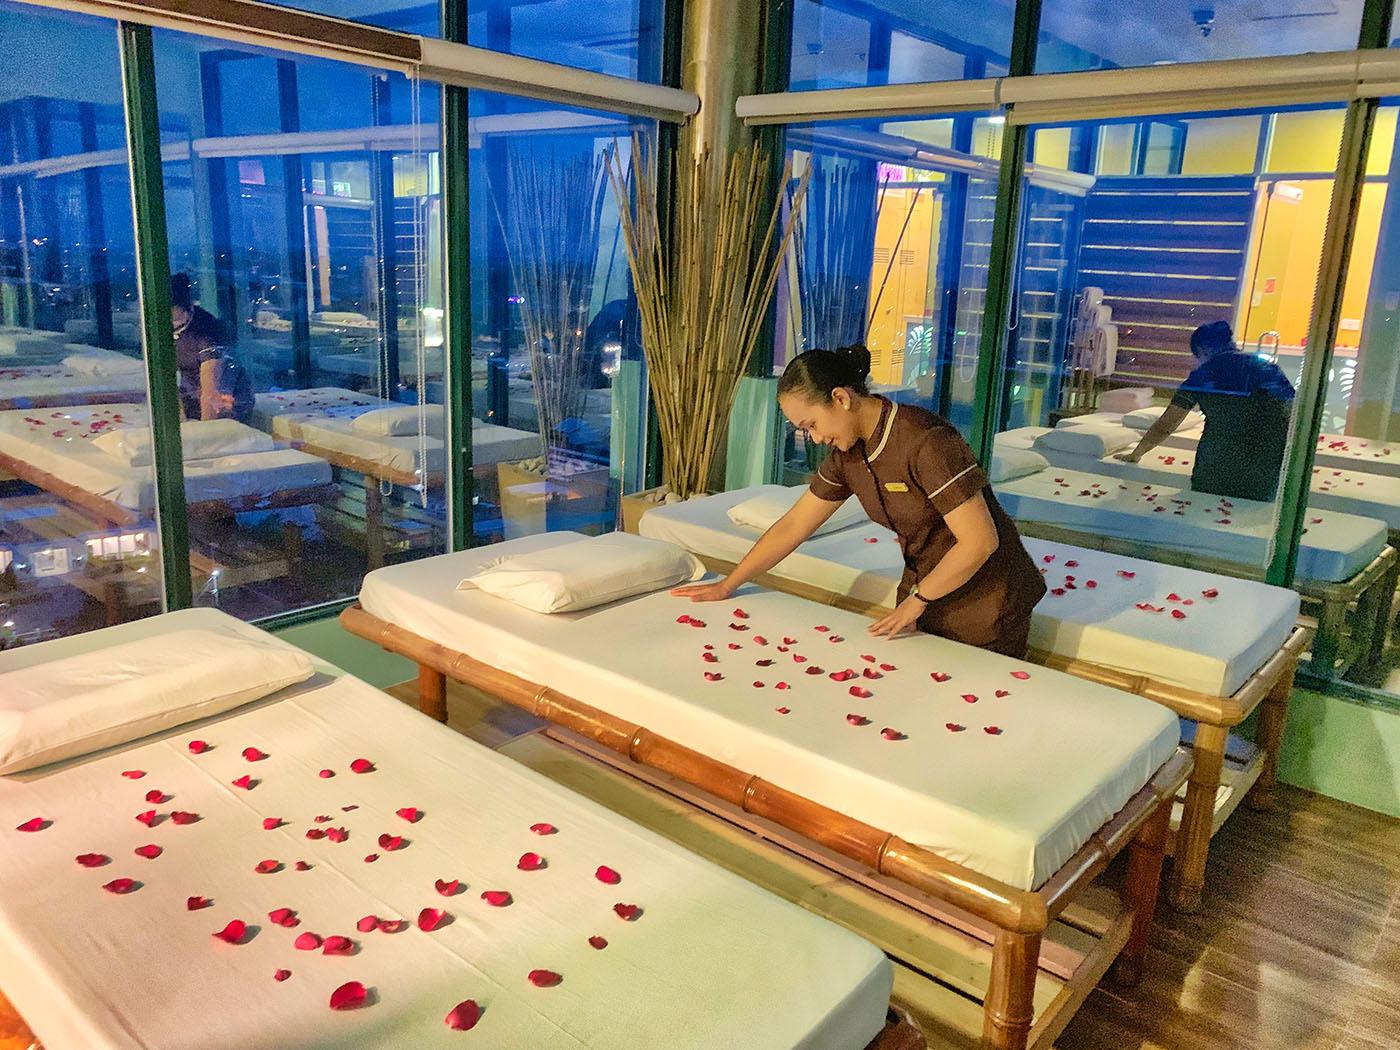 New Dawn Pensionne - Massage Service